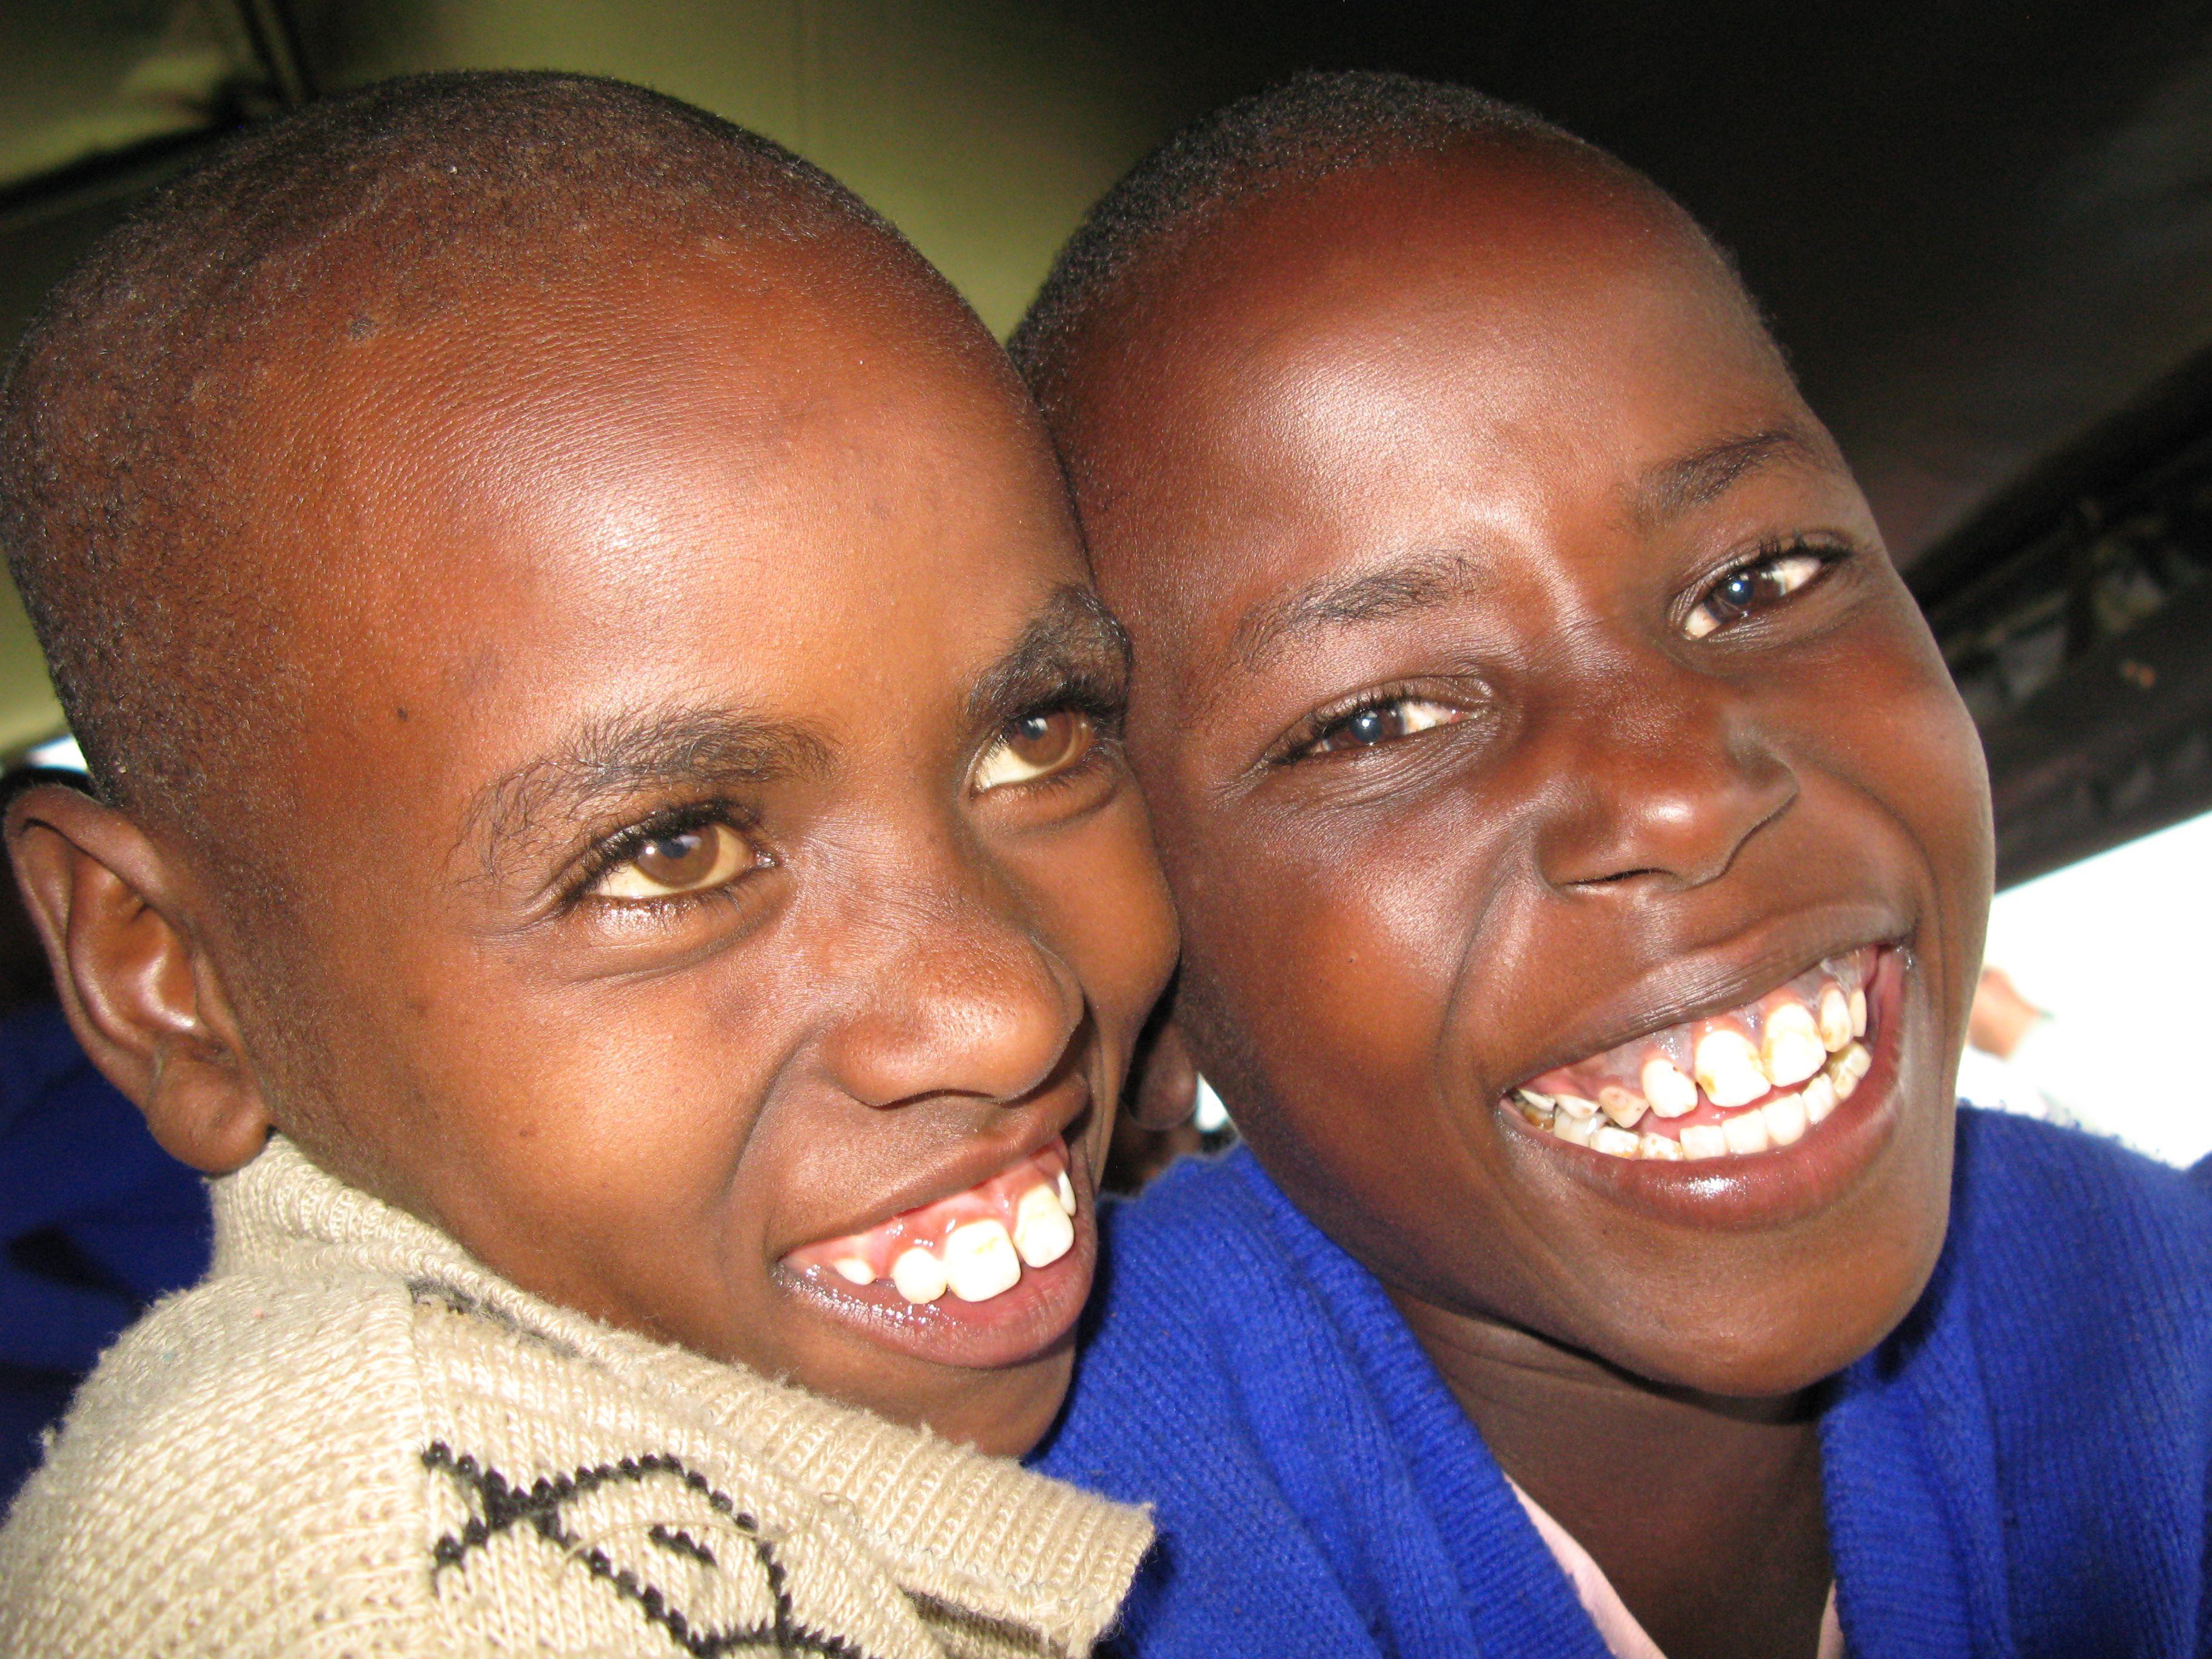 School girls, Emorijoi, Kenya Free the Children School